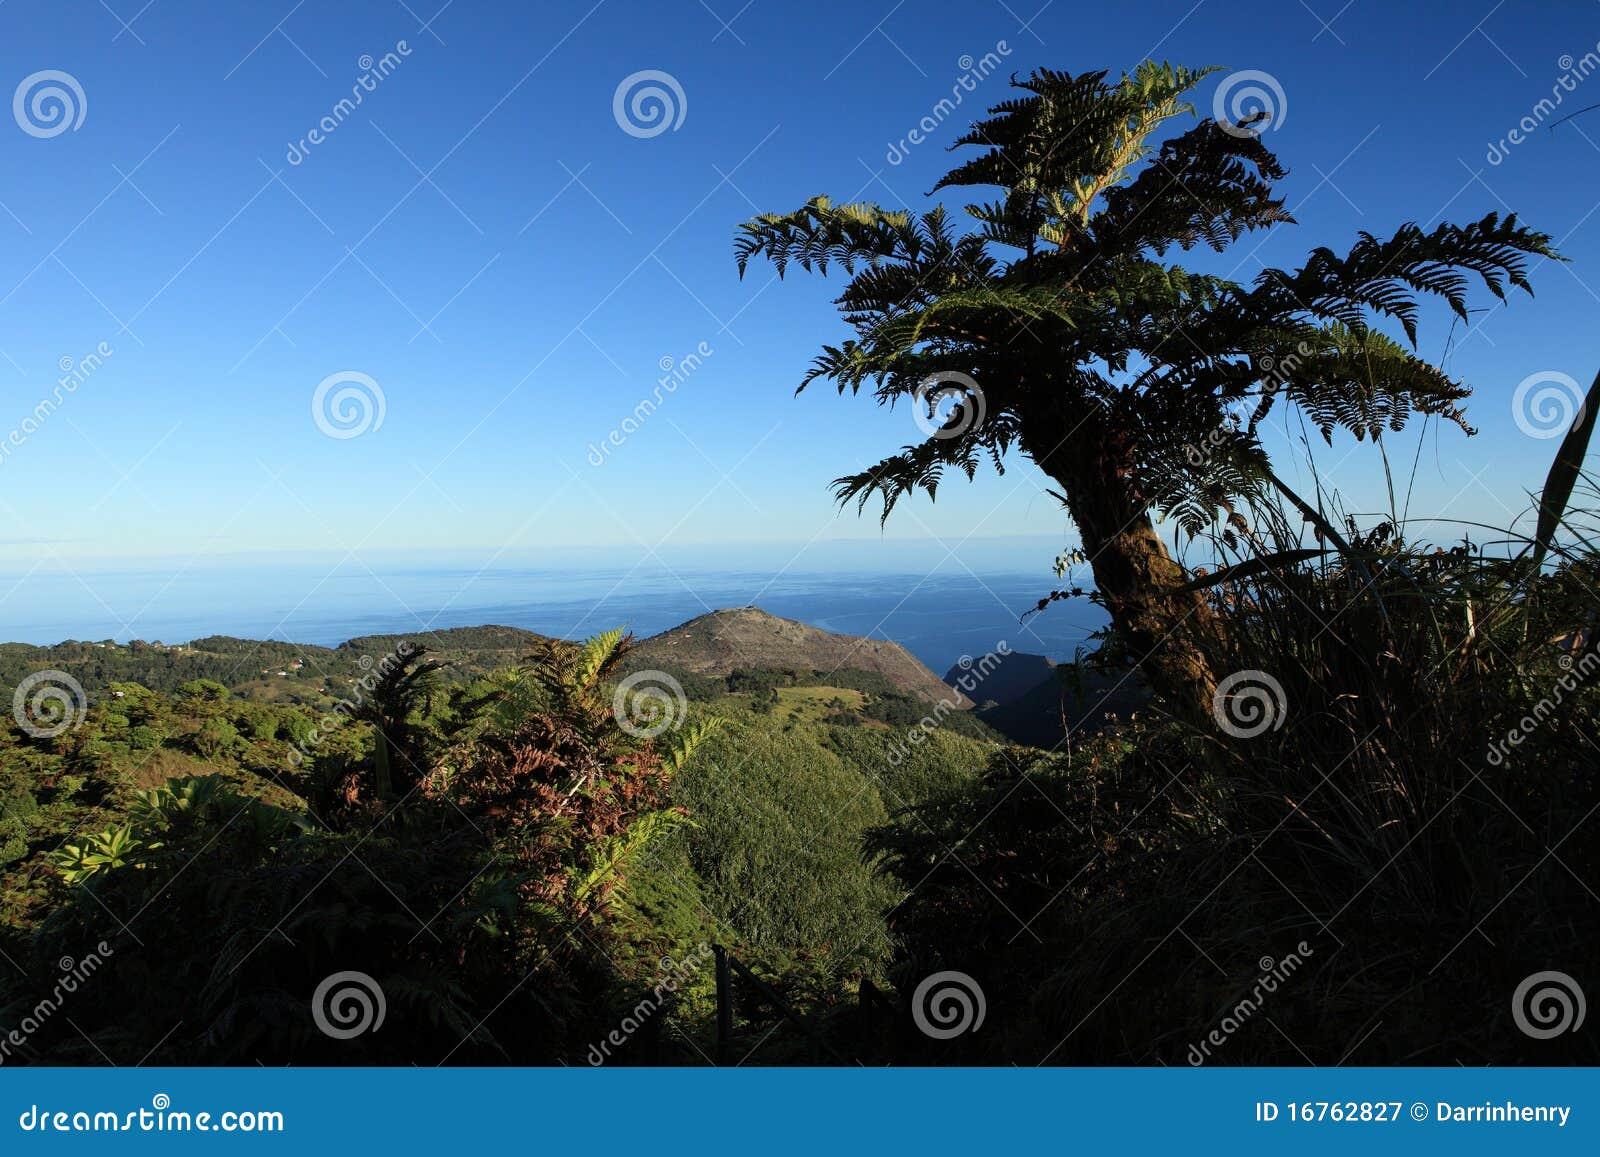 Giant endemic tree fern on remote St Helena Island